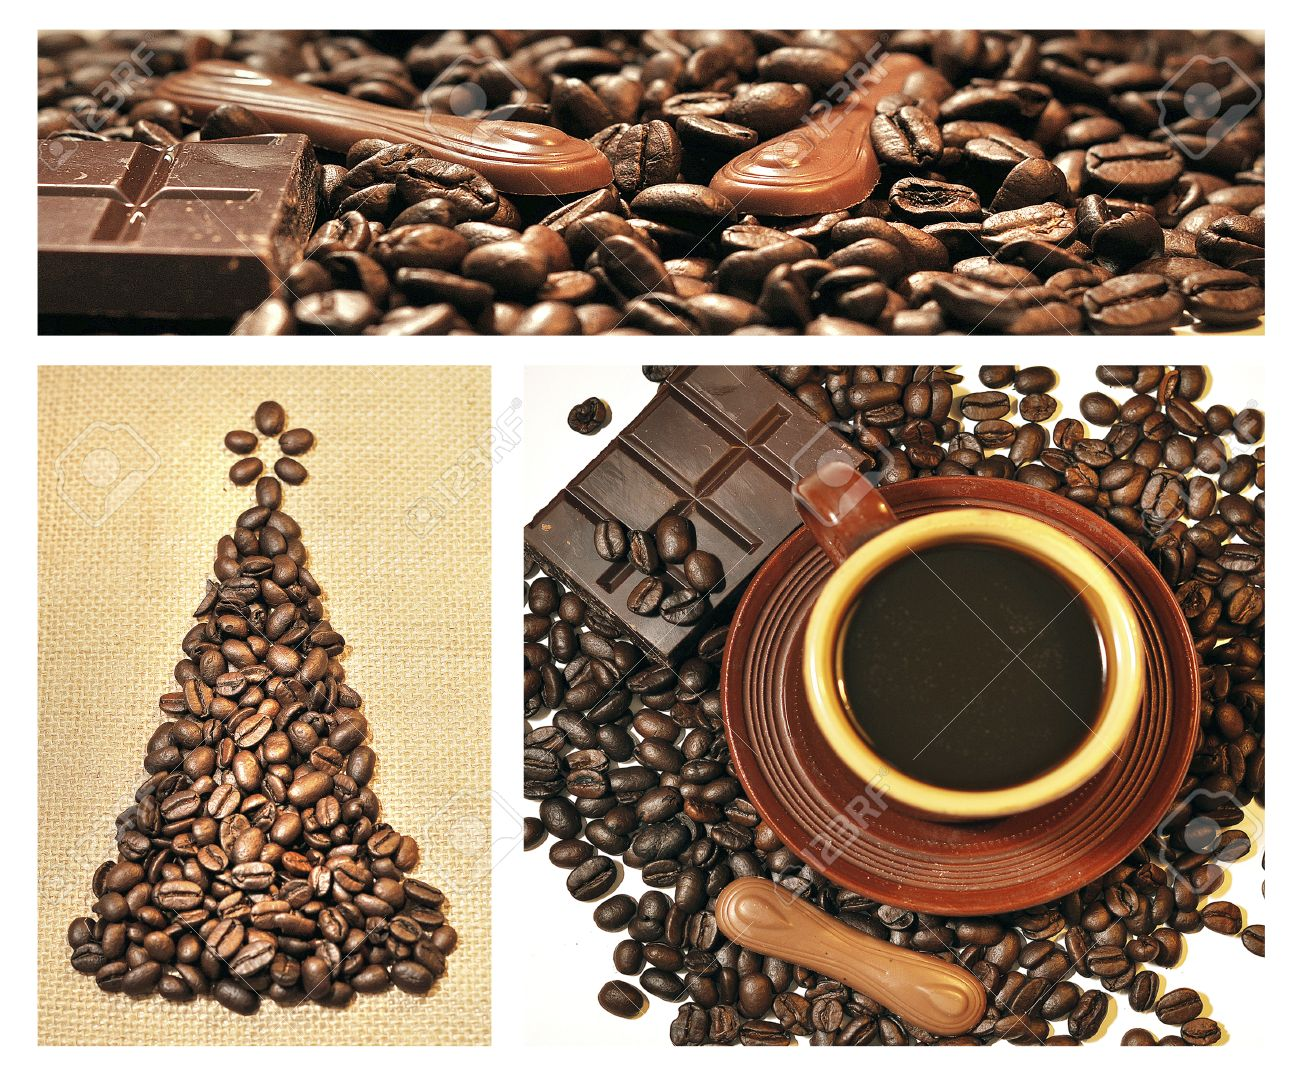 Albero Di Natale Java.Collage Di Albero Di Natale Da Chicchi Di Caffe Cioccolato Tazze